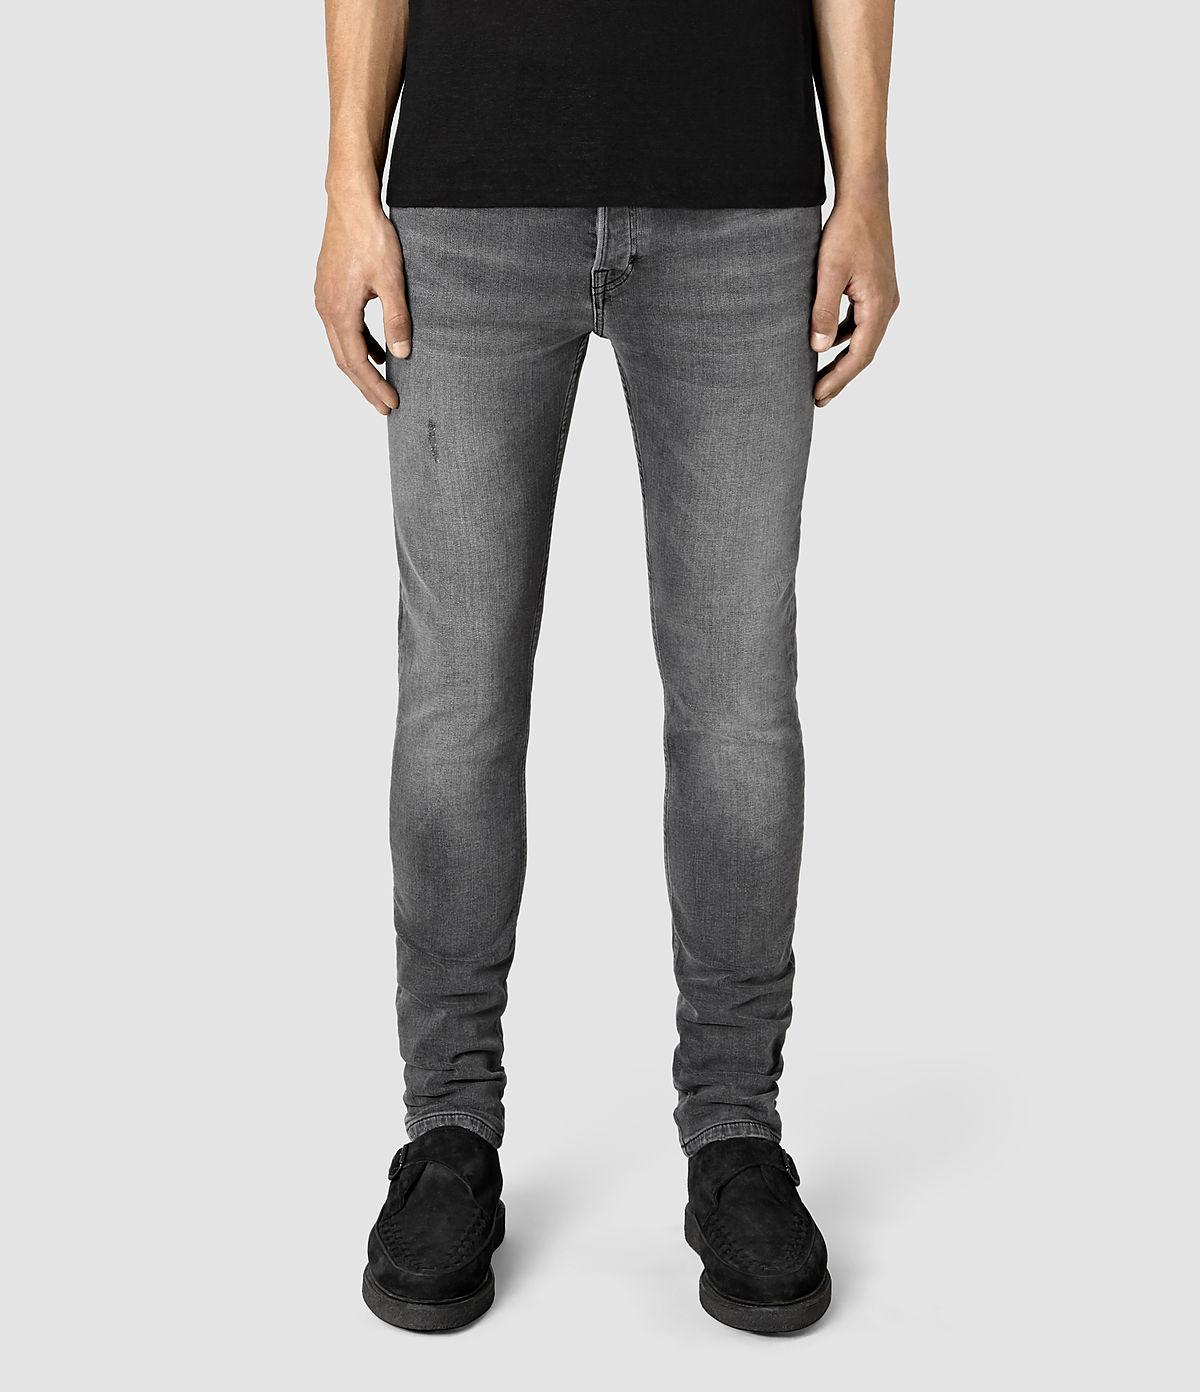 ALLSAINTS US: Mens Misisle Cigarette Jeans (Black)